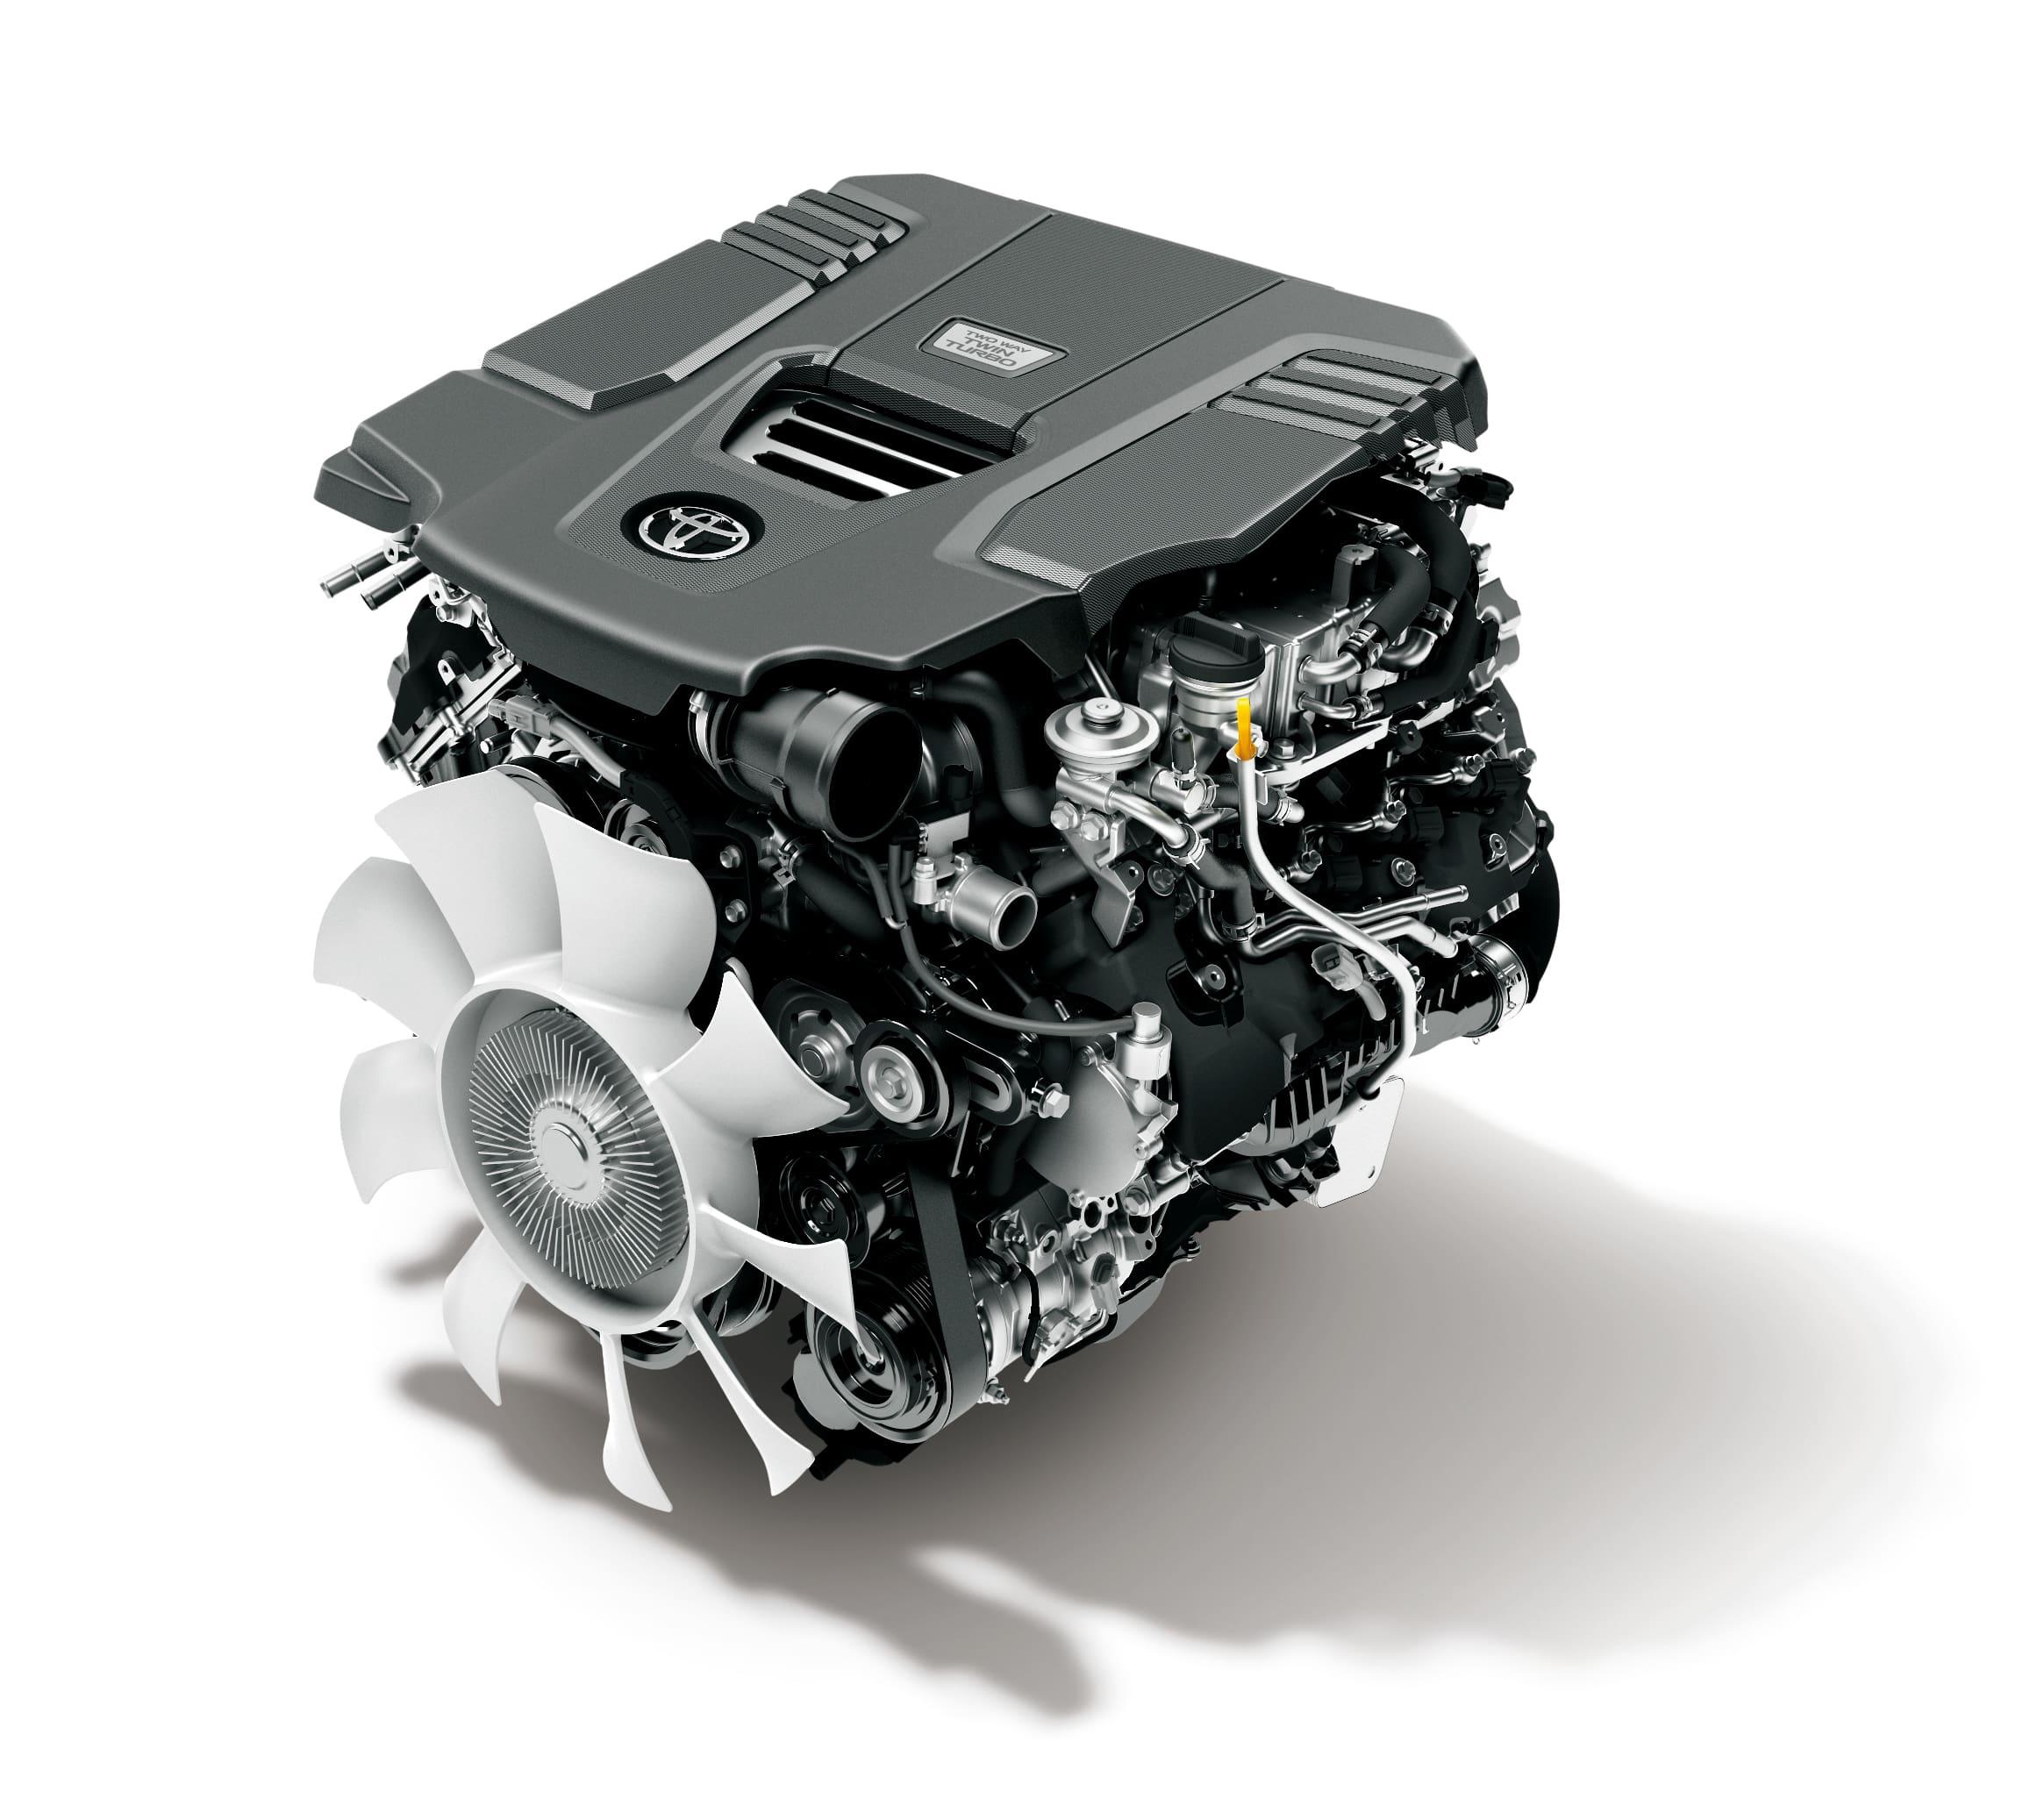 300系(海外仕様)V6 ディーゼル ツインターボエンジン